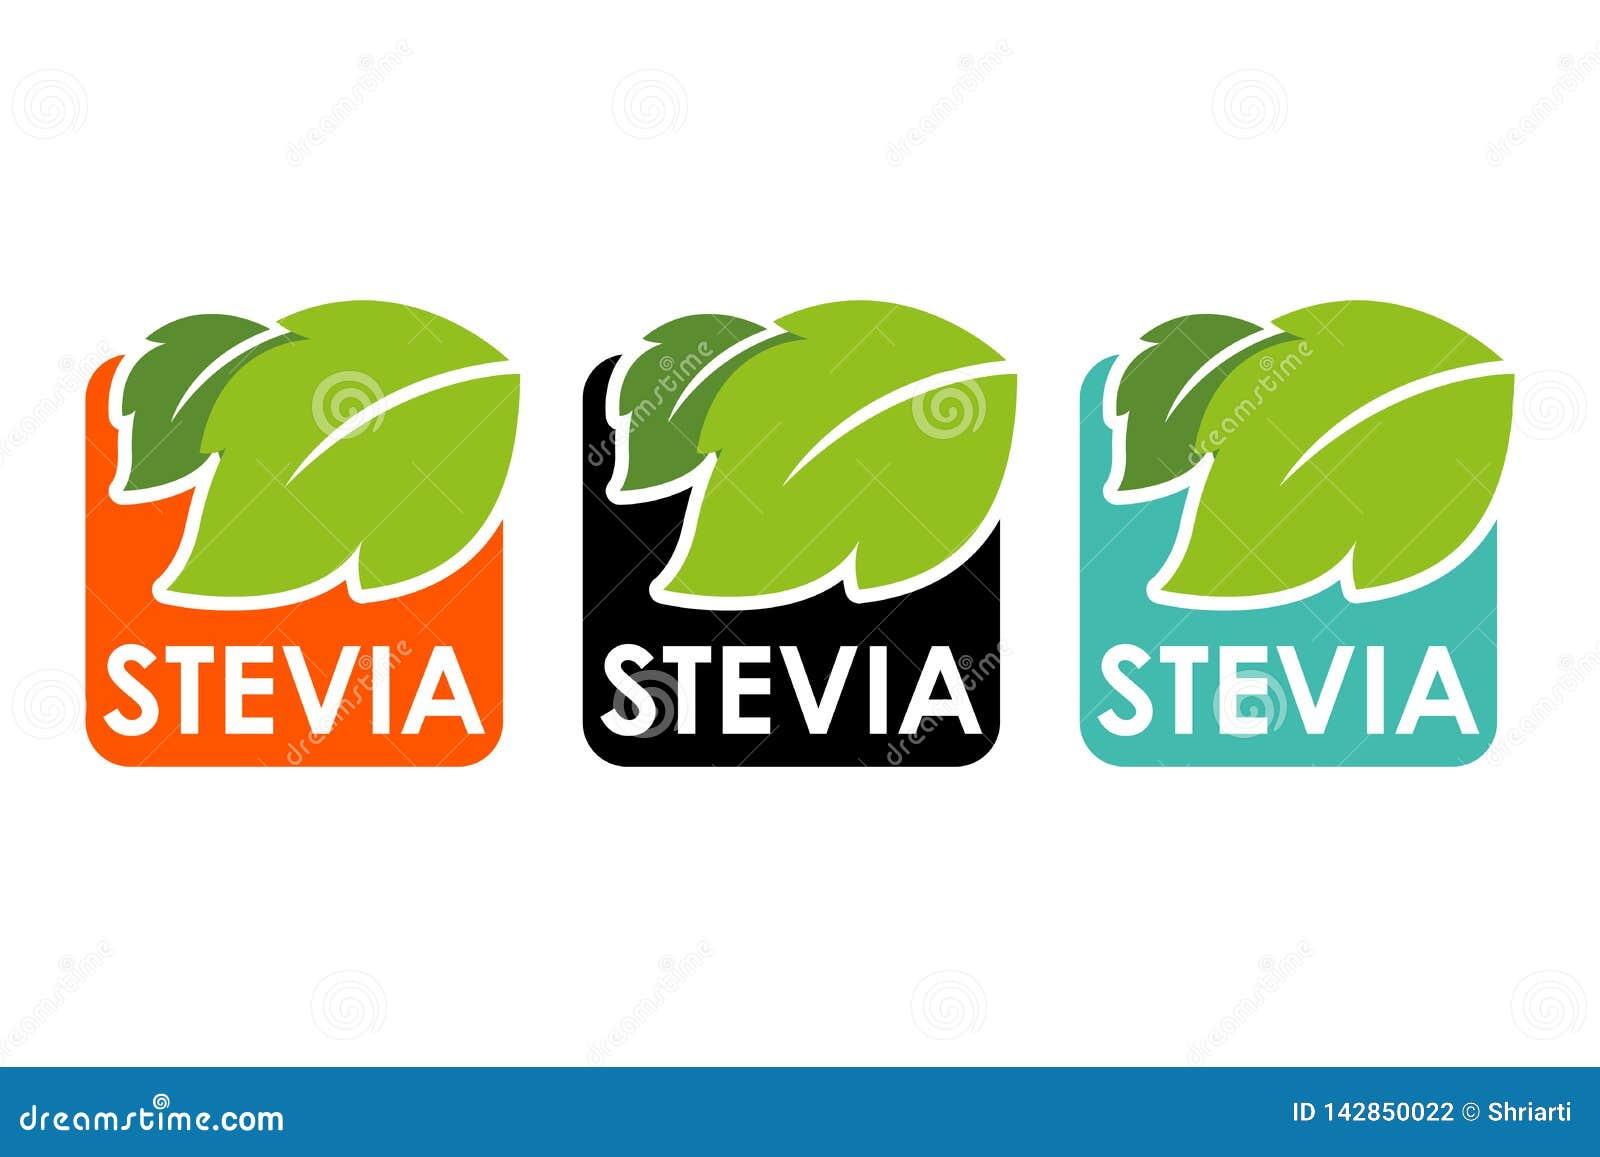 Σύμβολο του stevia ή της γλυκιάς χλόης με τις ζωηρόχρωμες ετικέτες